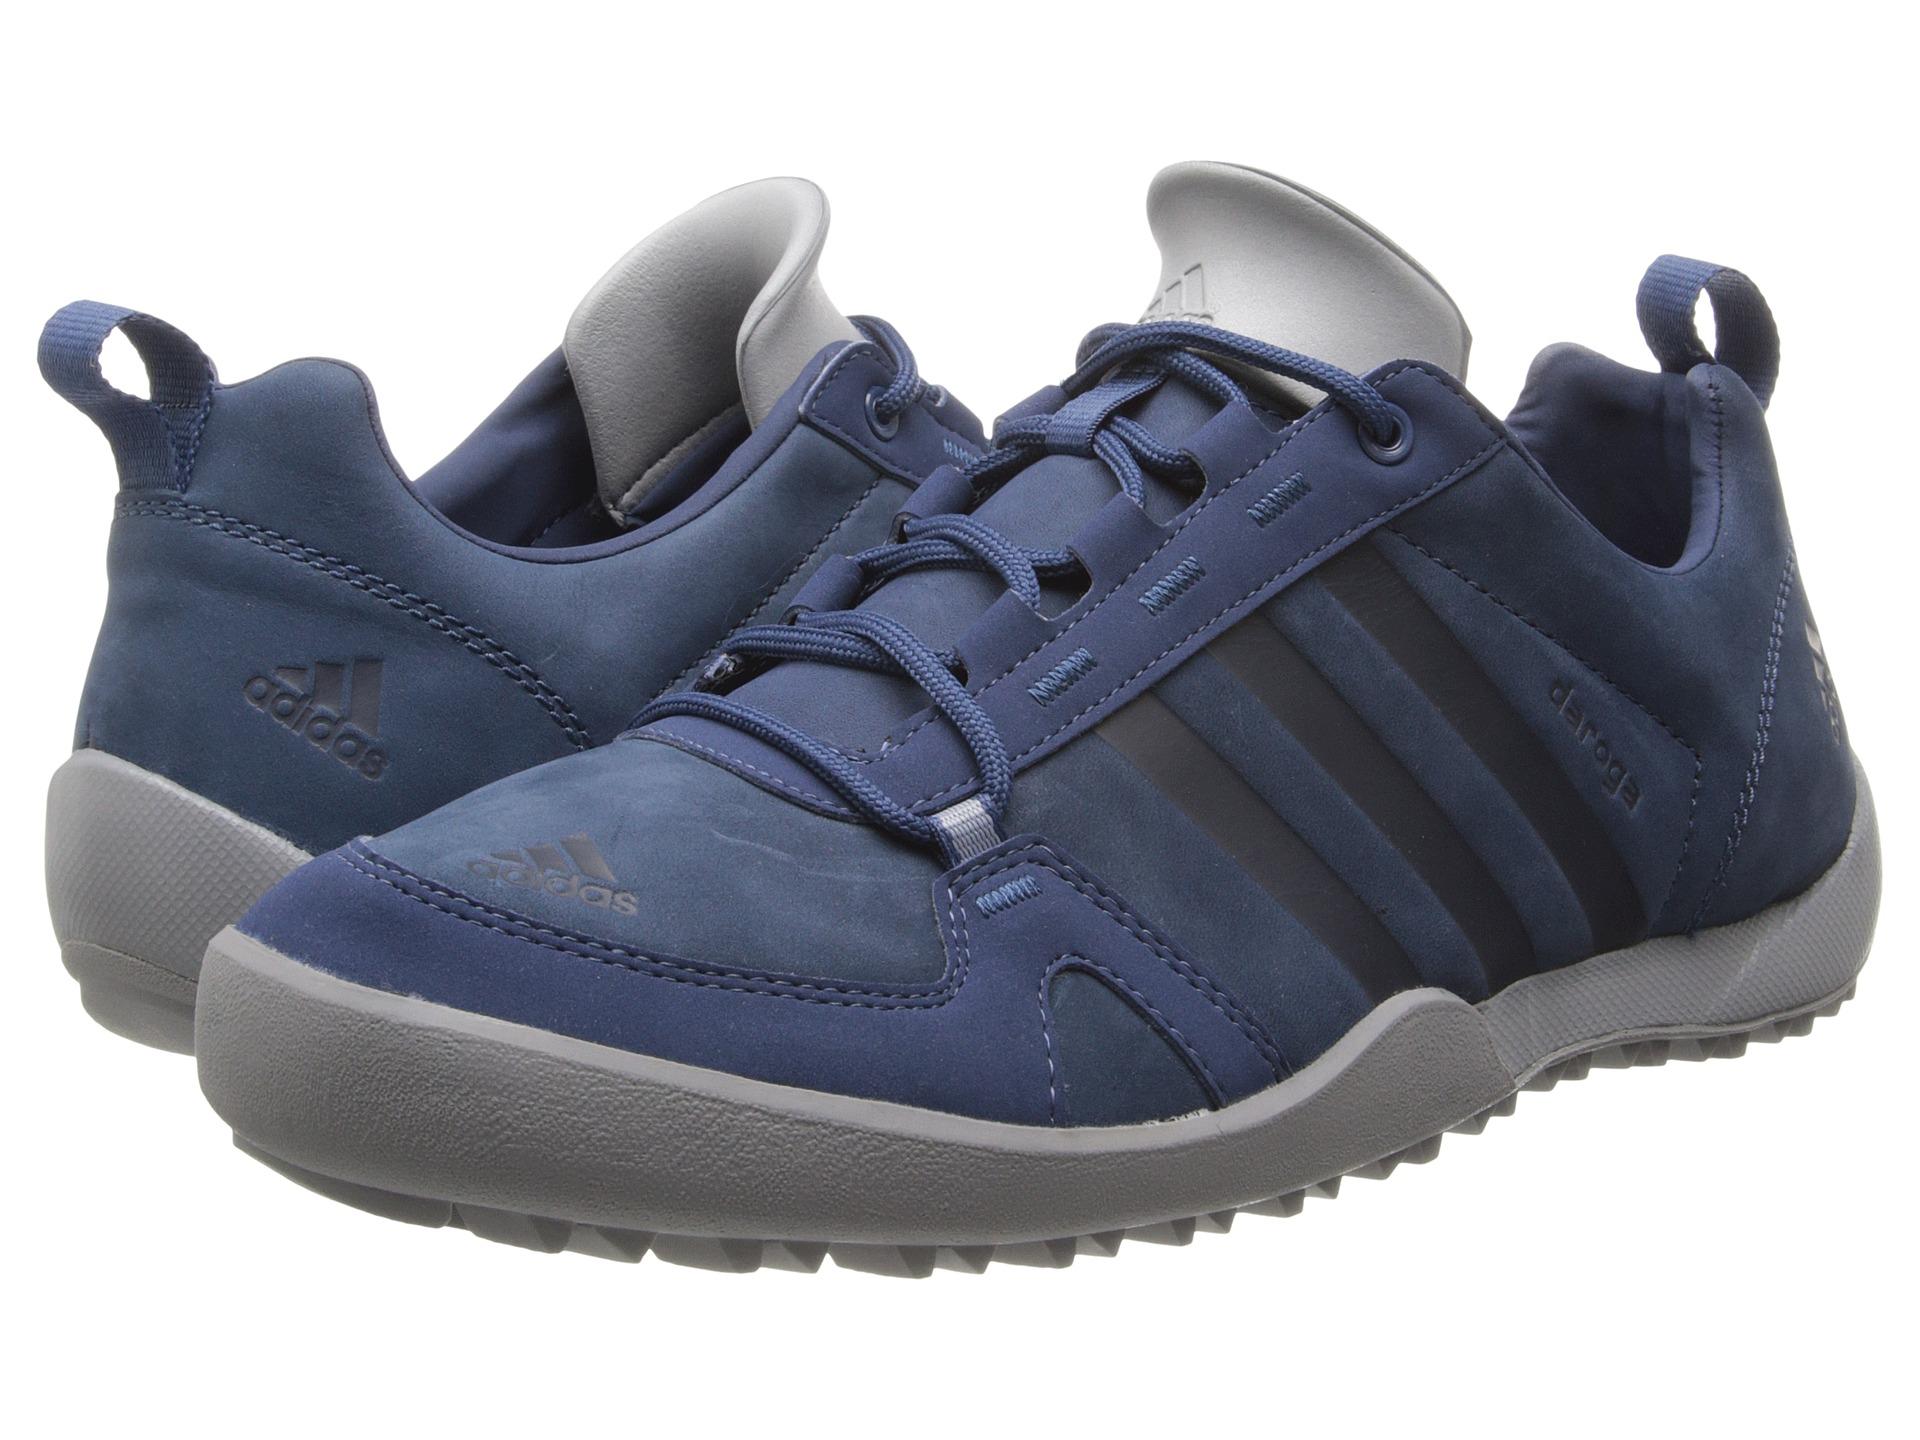 Adidas Daroga Two 11 - Adidas Outdoor Daroga Two Ii Cuir Prix Bas